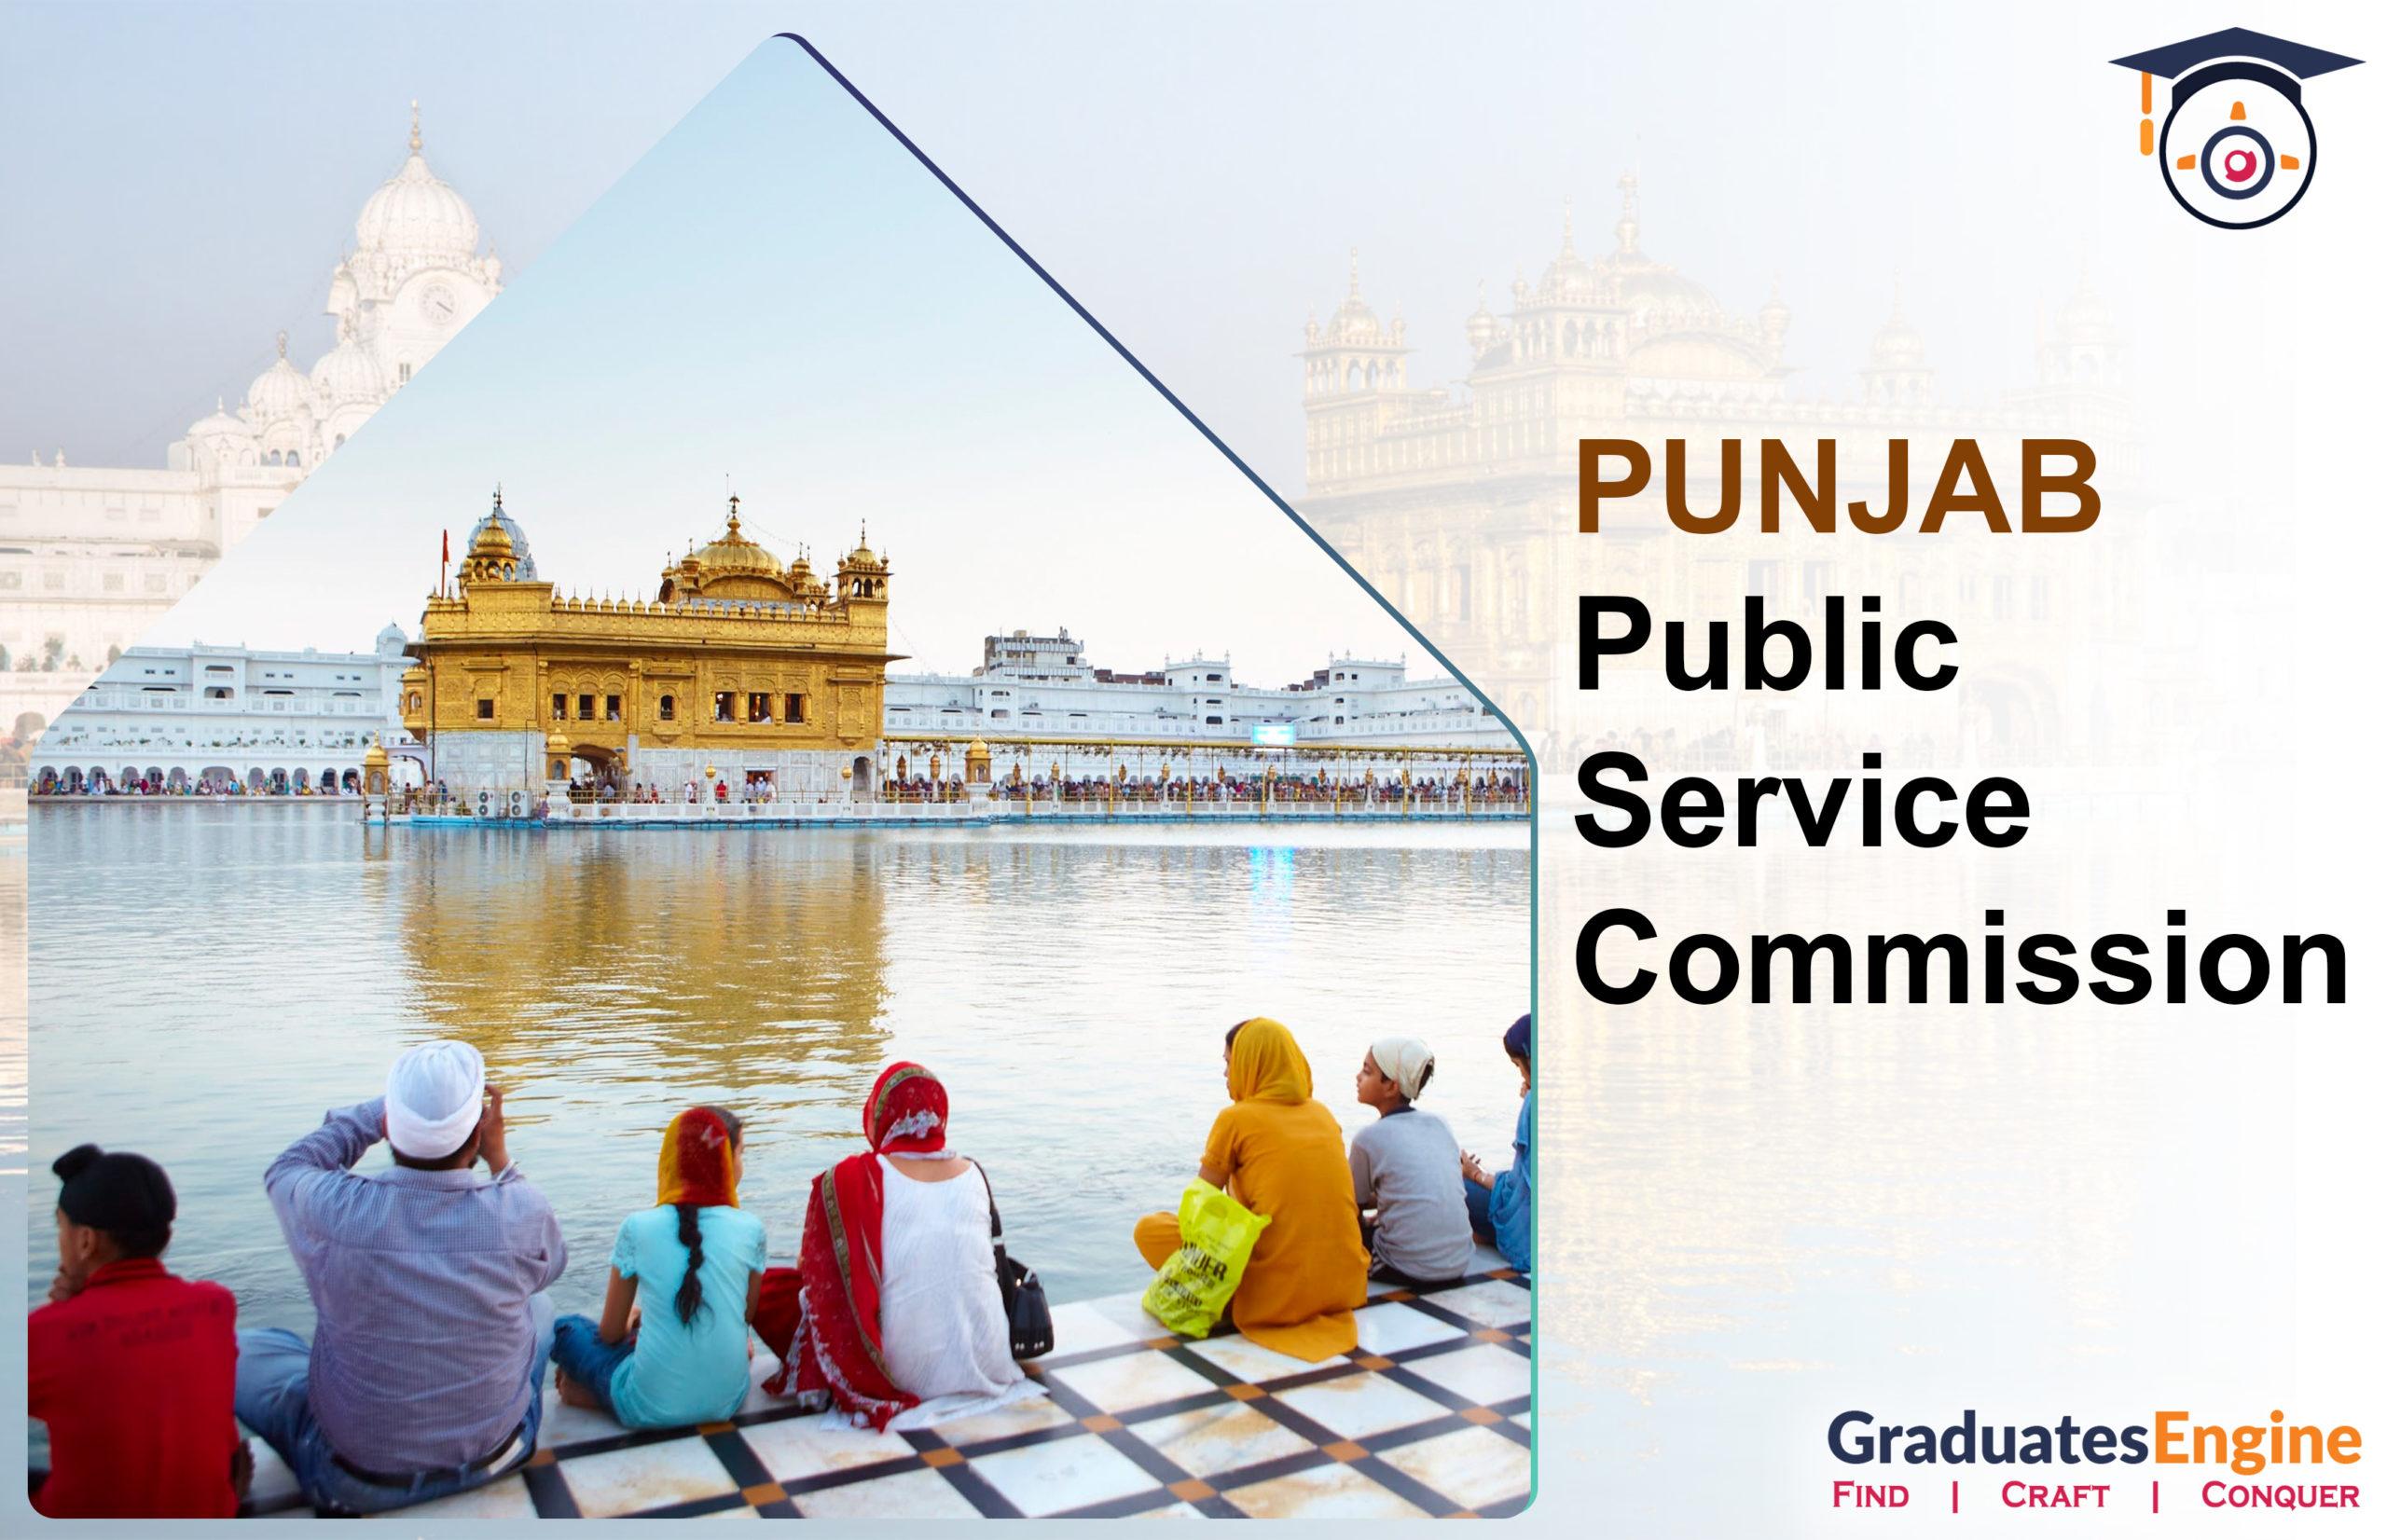 Punjab Public Service Commission – PPSC